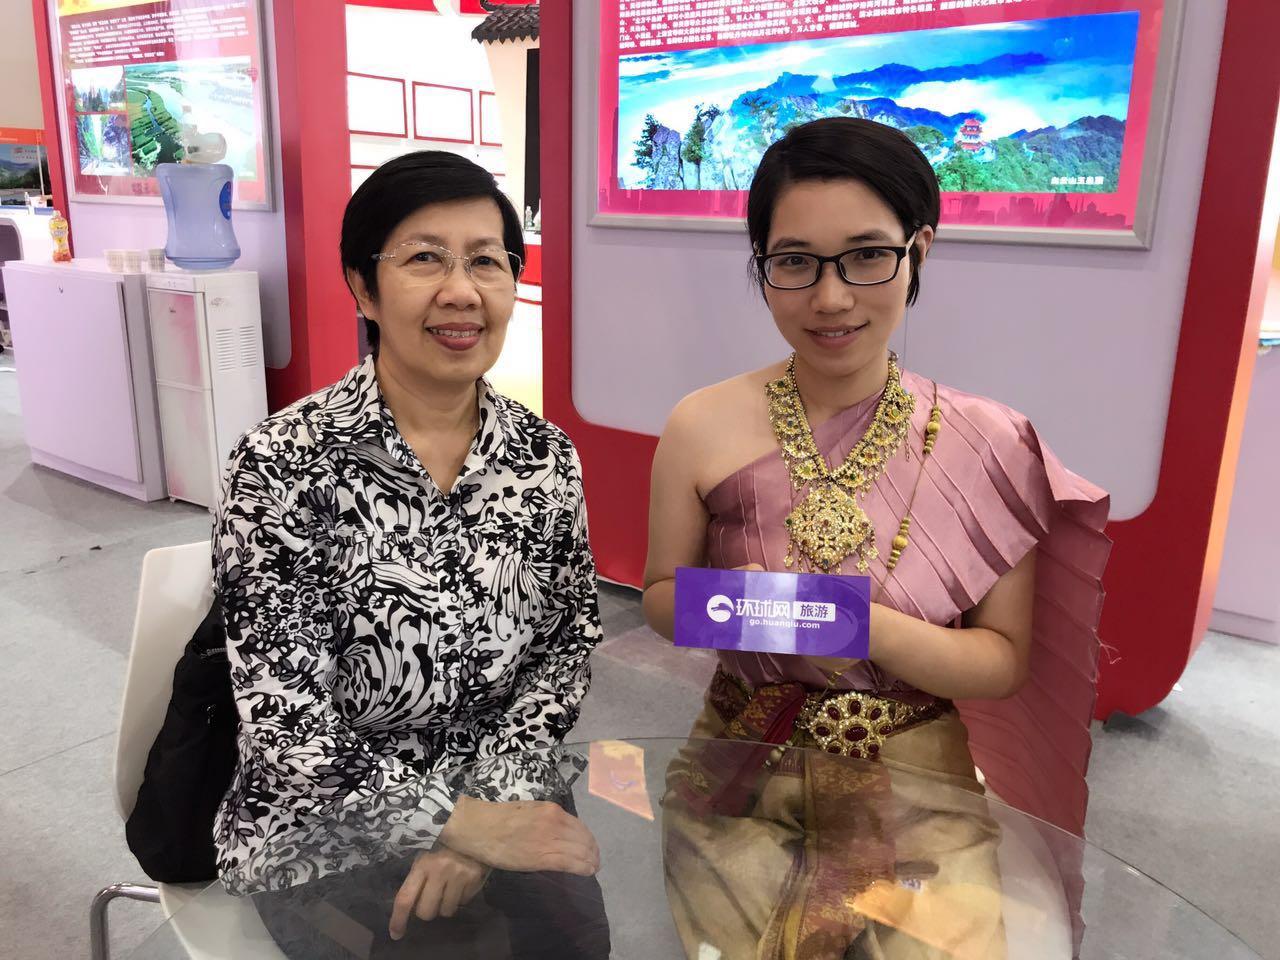 专访泰国国家旅游局:多重玩法提升旅途新鲜感 安全旅游需遵从当地建议